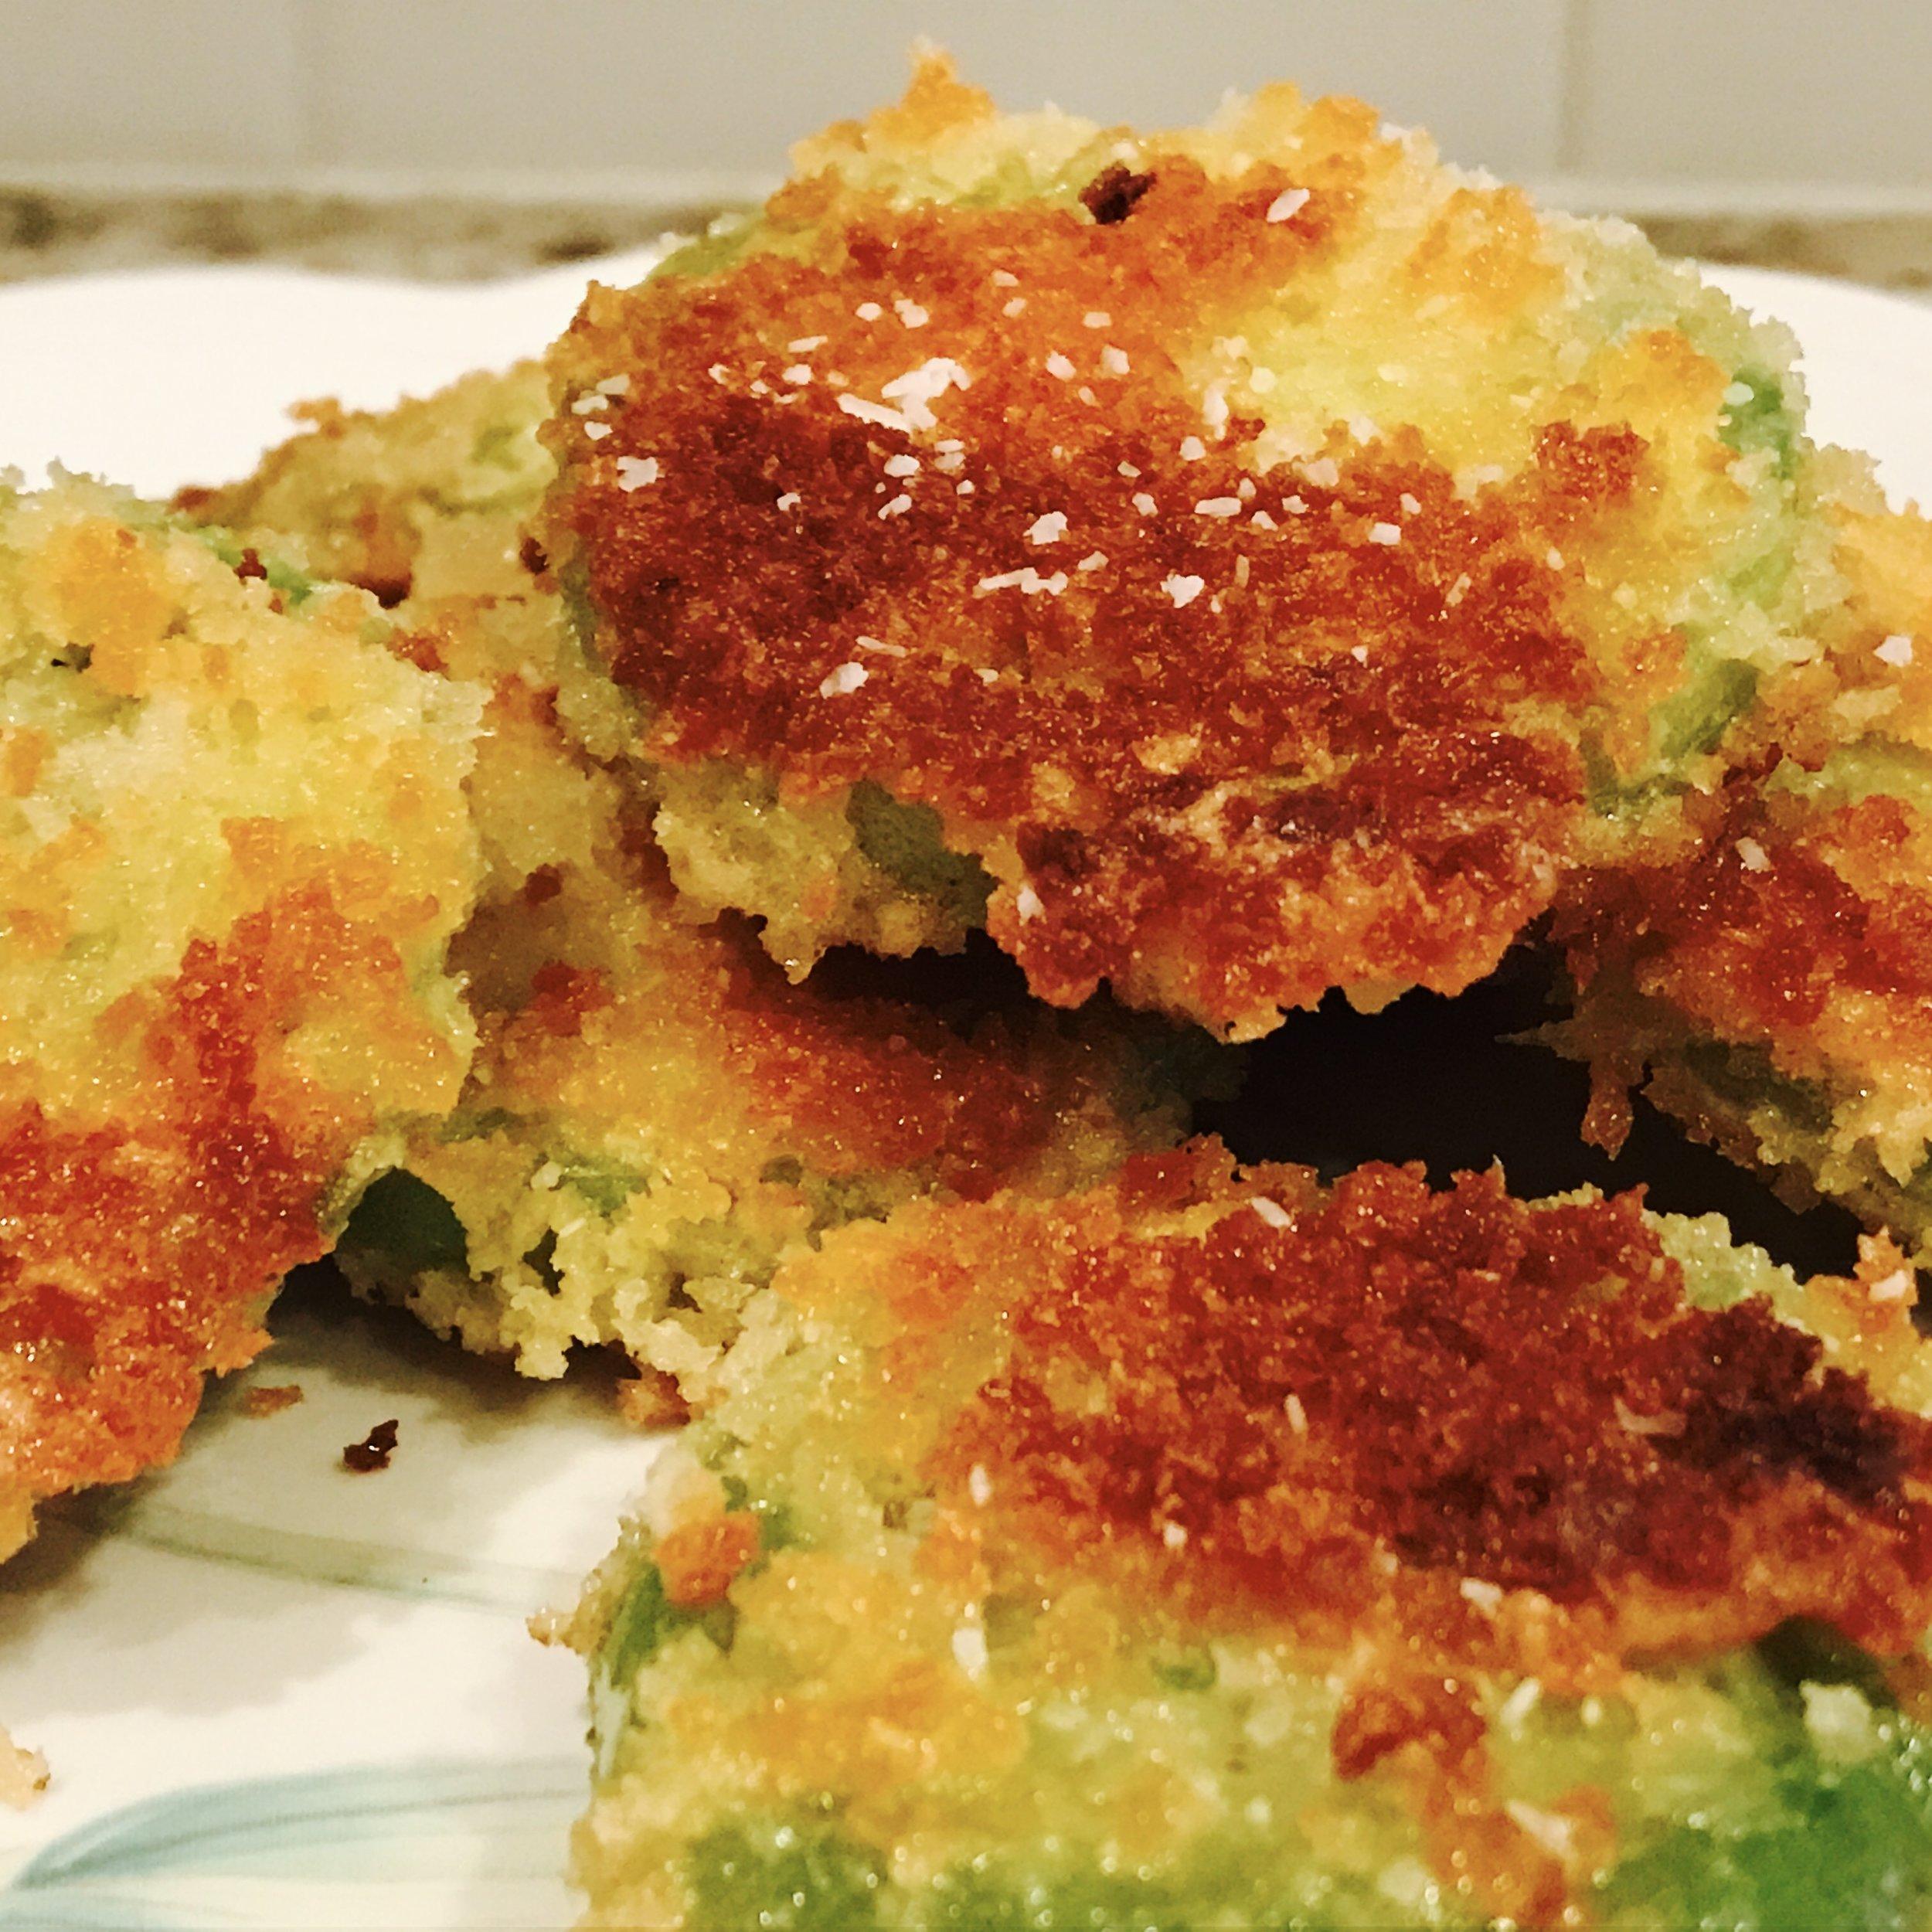 friedgreentomatoes.jpg